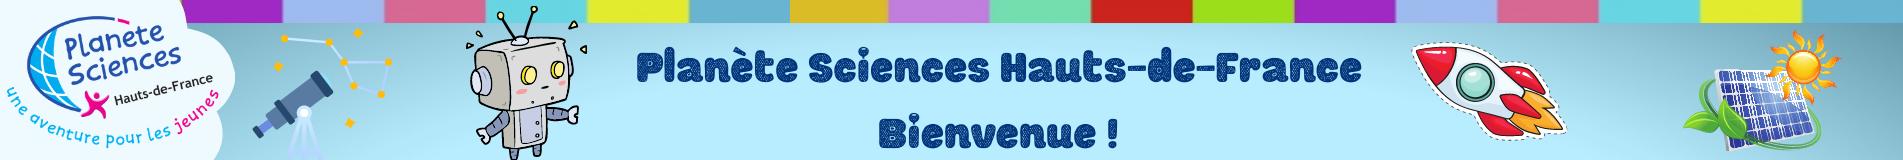 Planète Sciences Hauts-de-France Bienvenue !